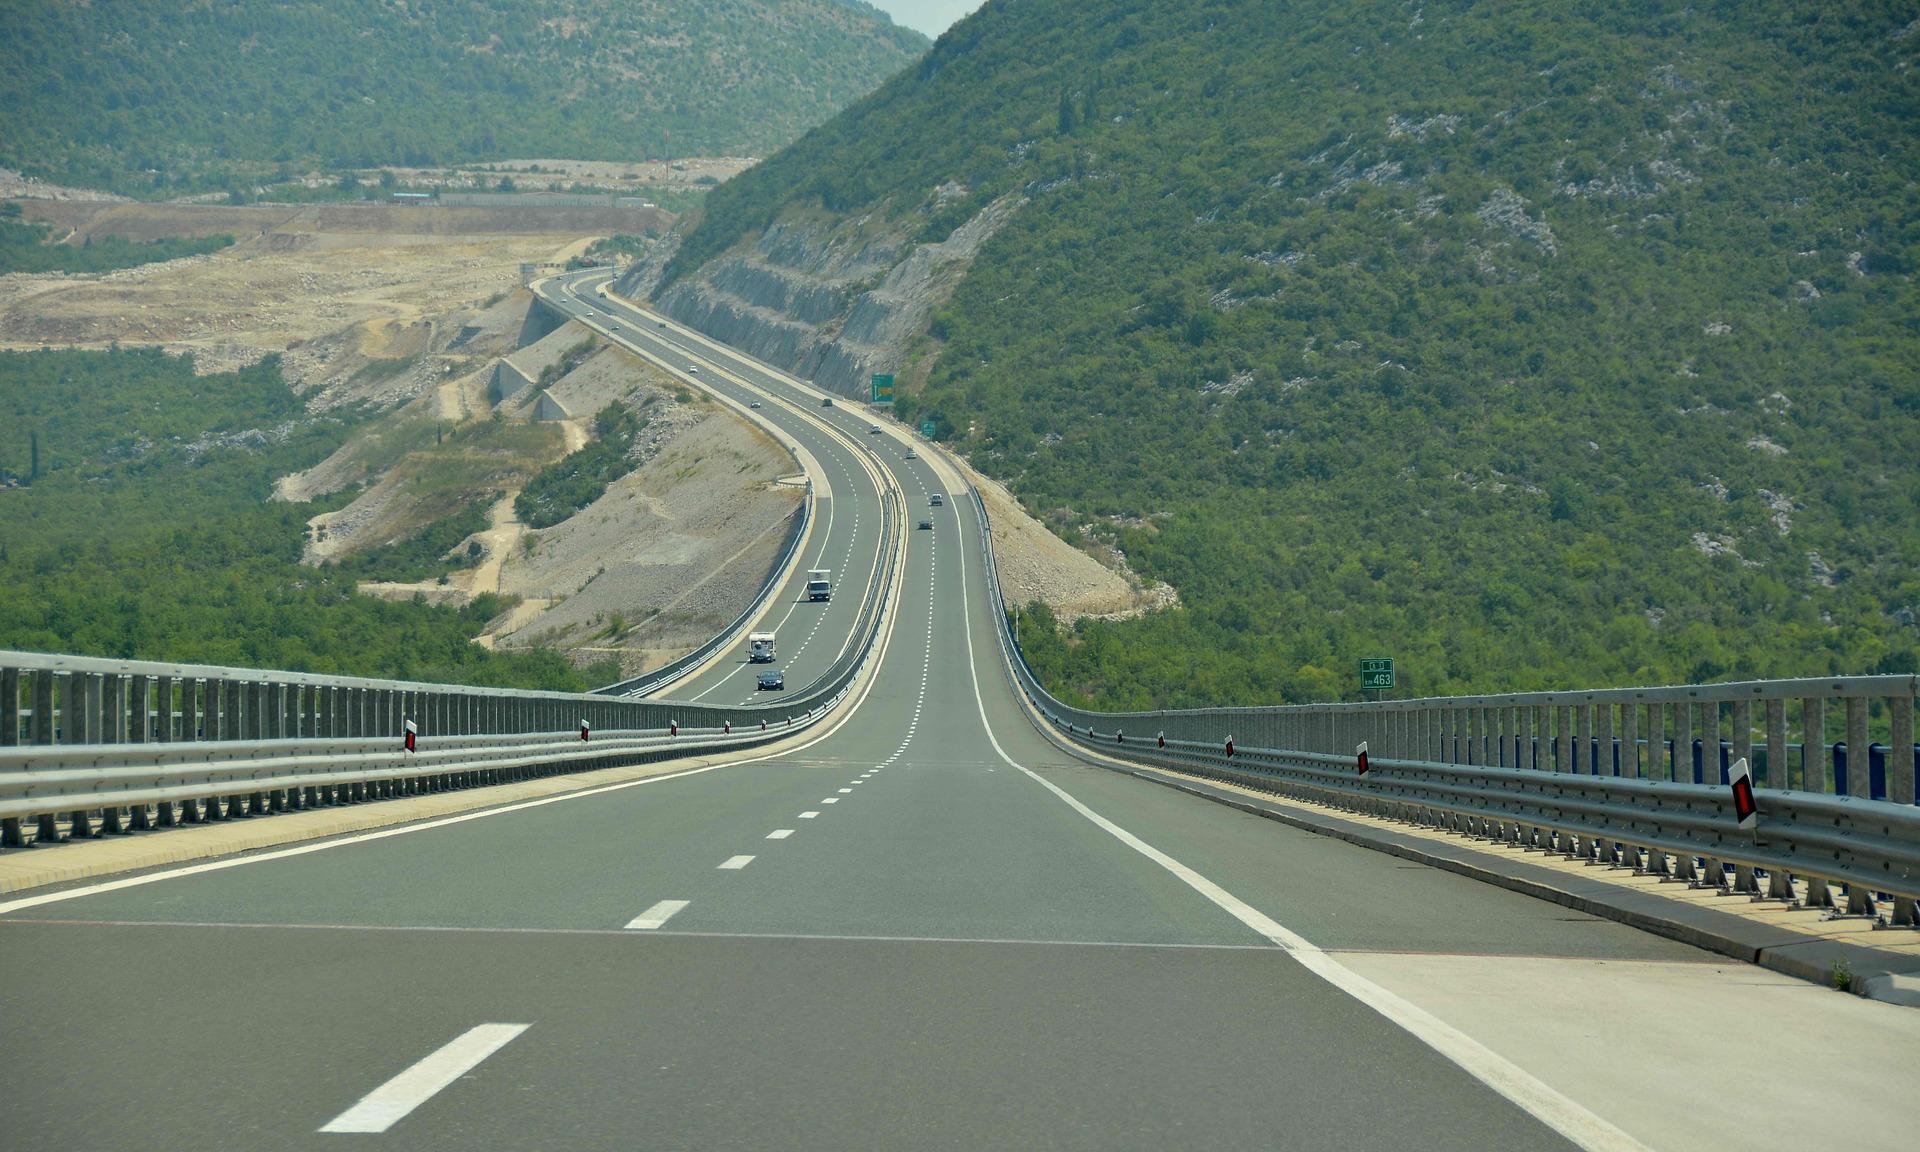 Dálnice Chorvatsko online – uzavírky, živé záběry z webkamer, aktuální situace